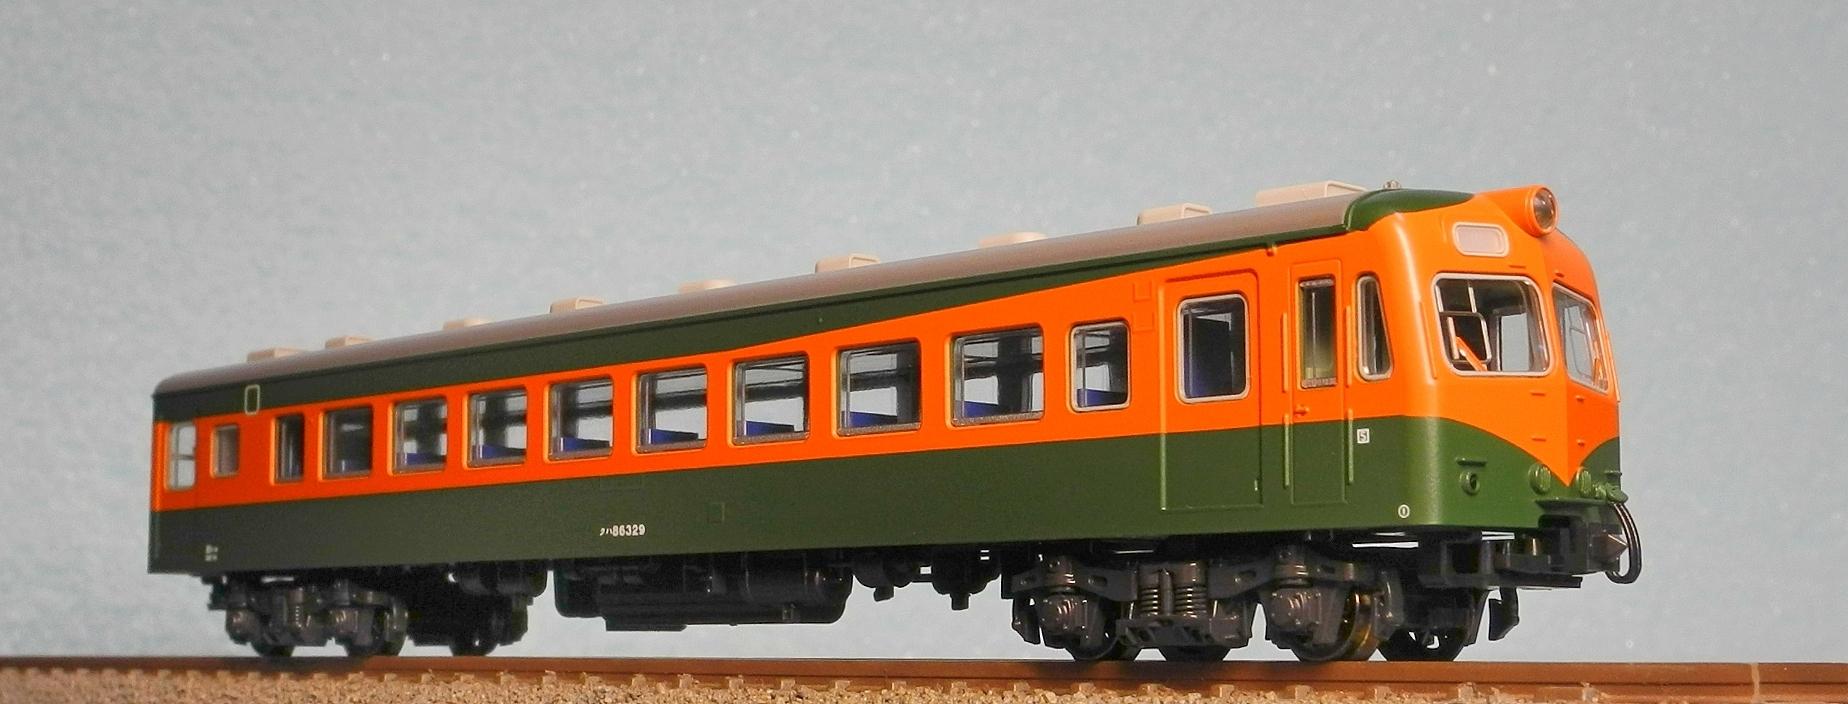 DSCN8188-1.jpg